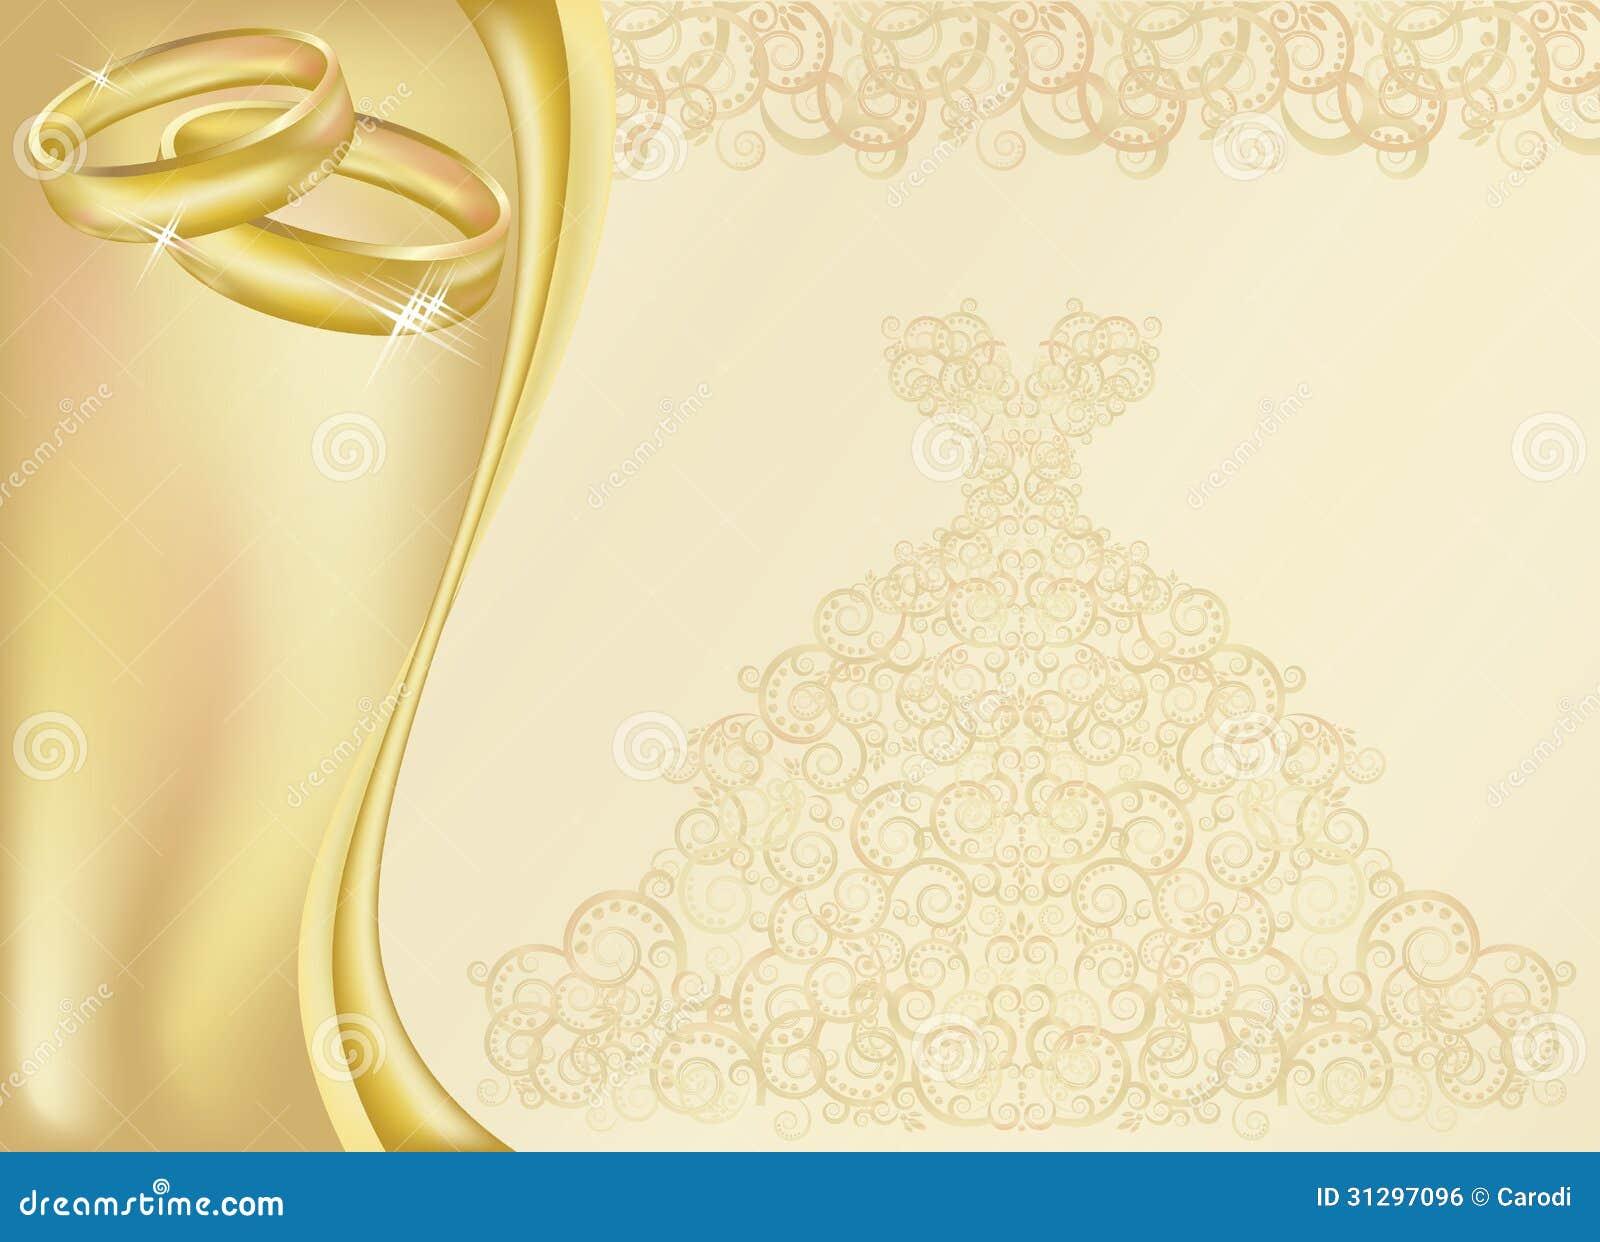 carte d 39 invitation de mariage avec deux anneaux d 39 or image. Black Bedroom Furniture Sets. Home Design Ideas